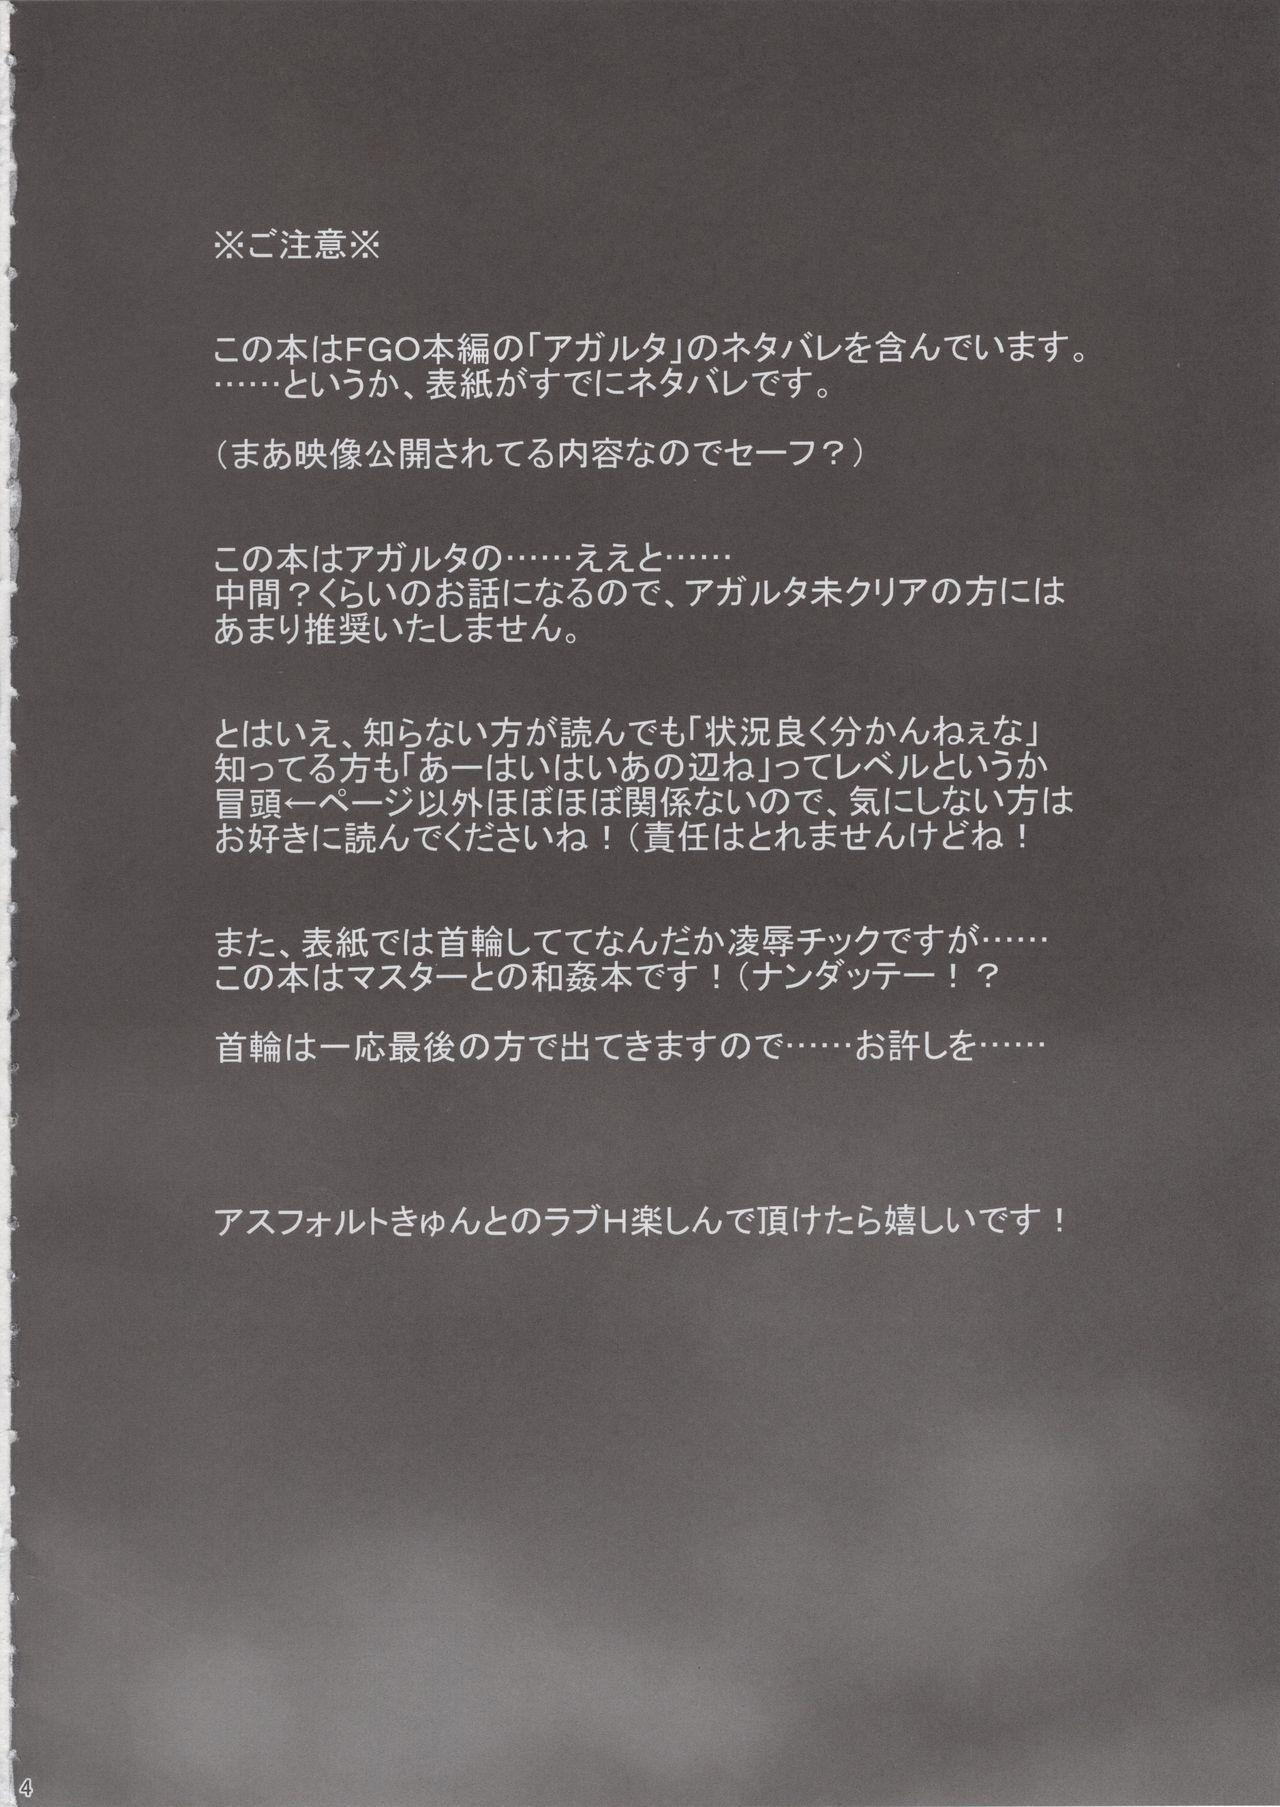 Astolfo-kyun Mitetara Seibetsu Nante Doudemo Yokunarimashita 2